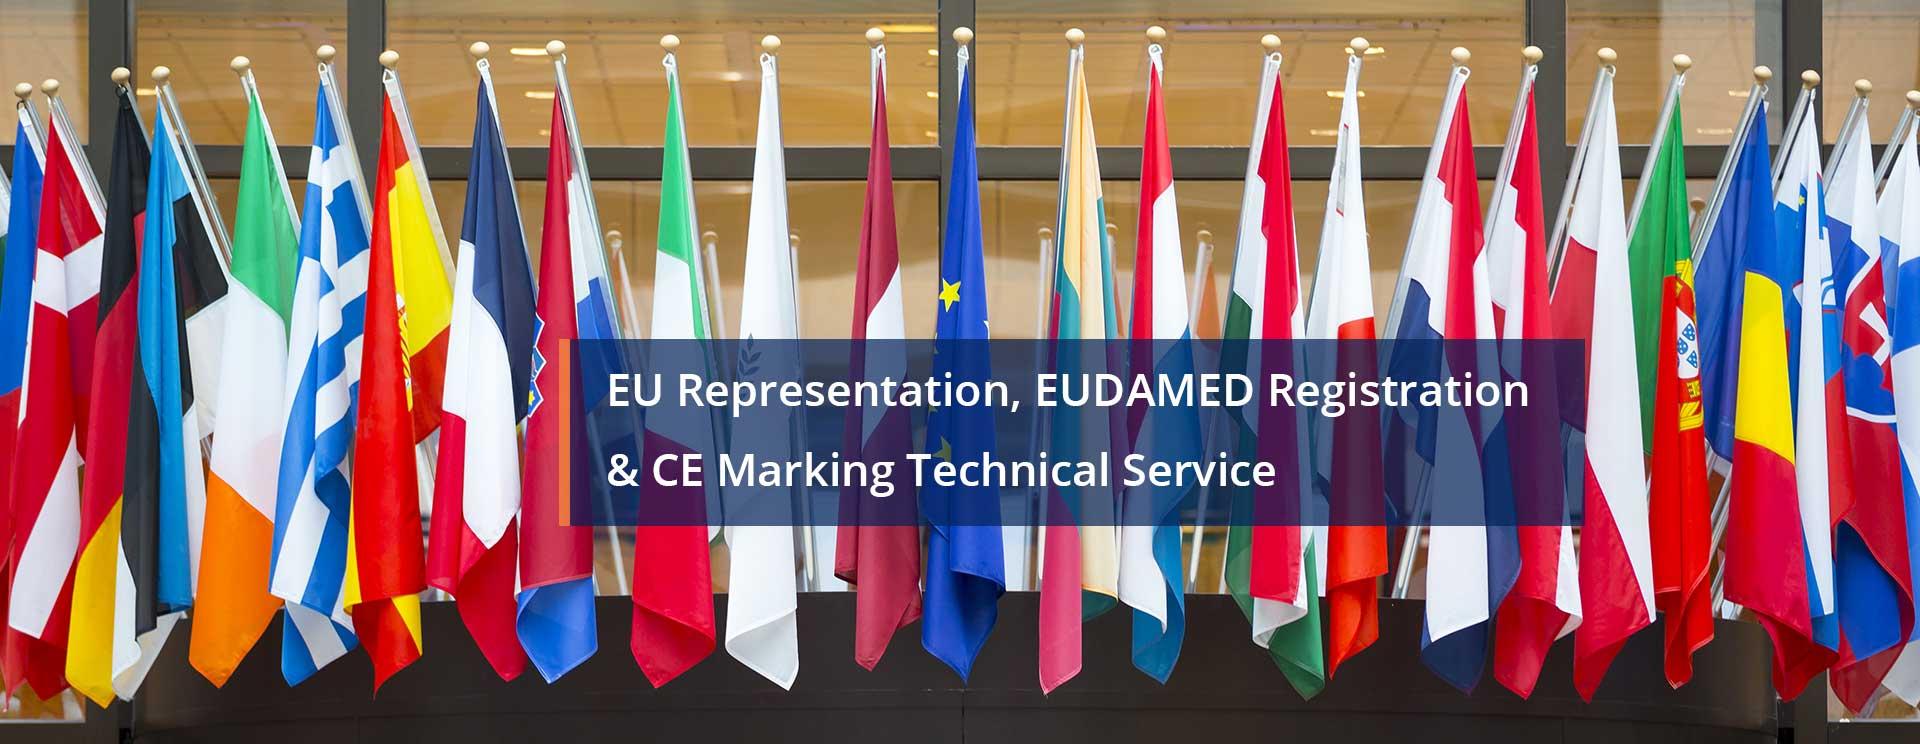 EU Representation